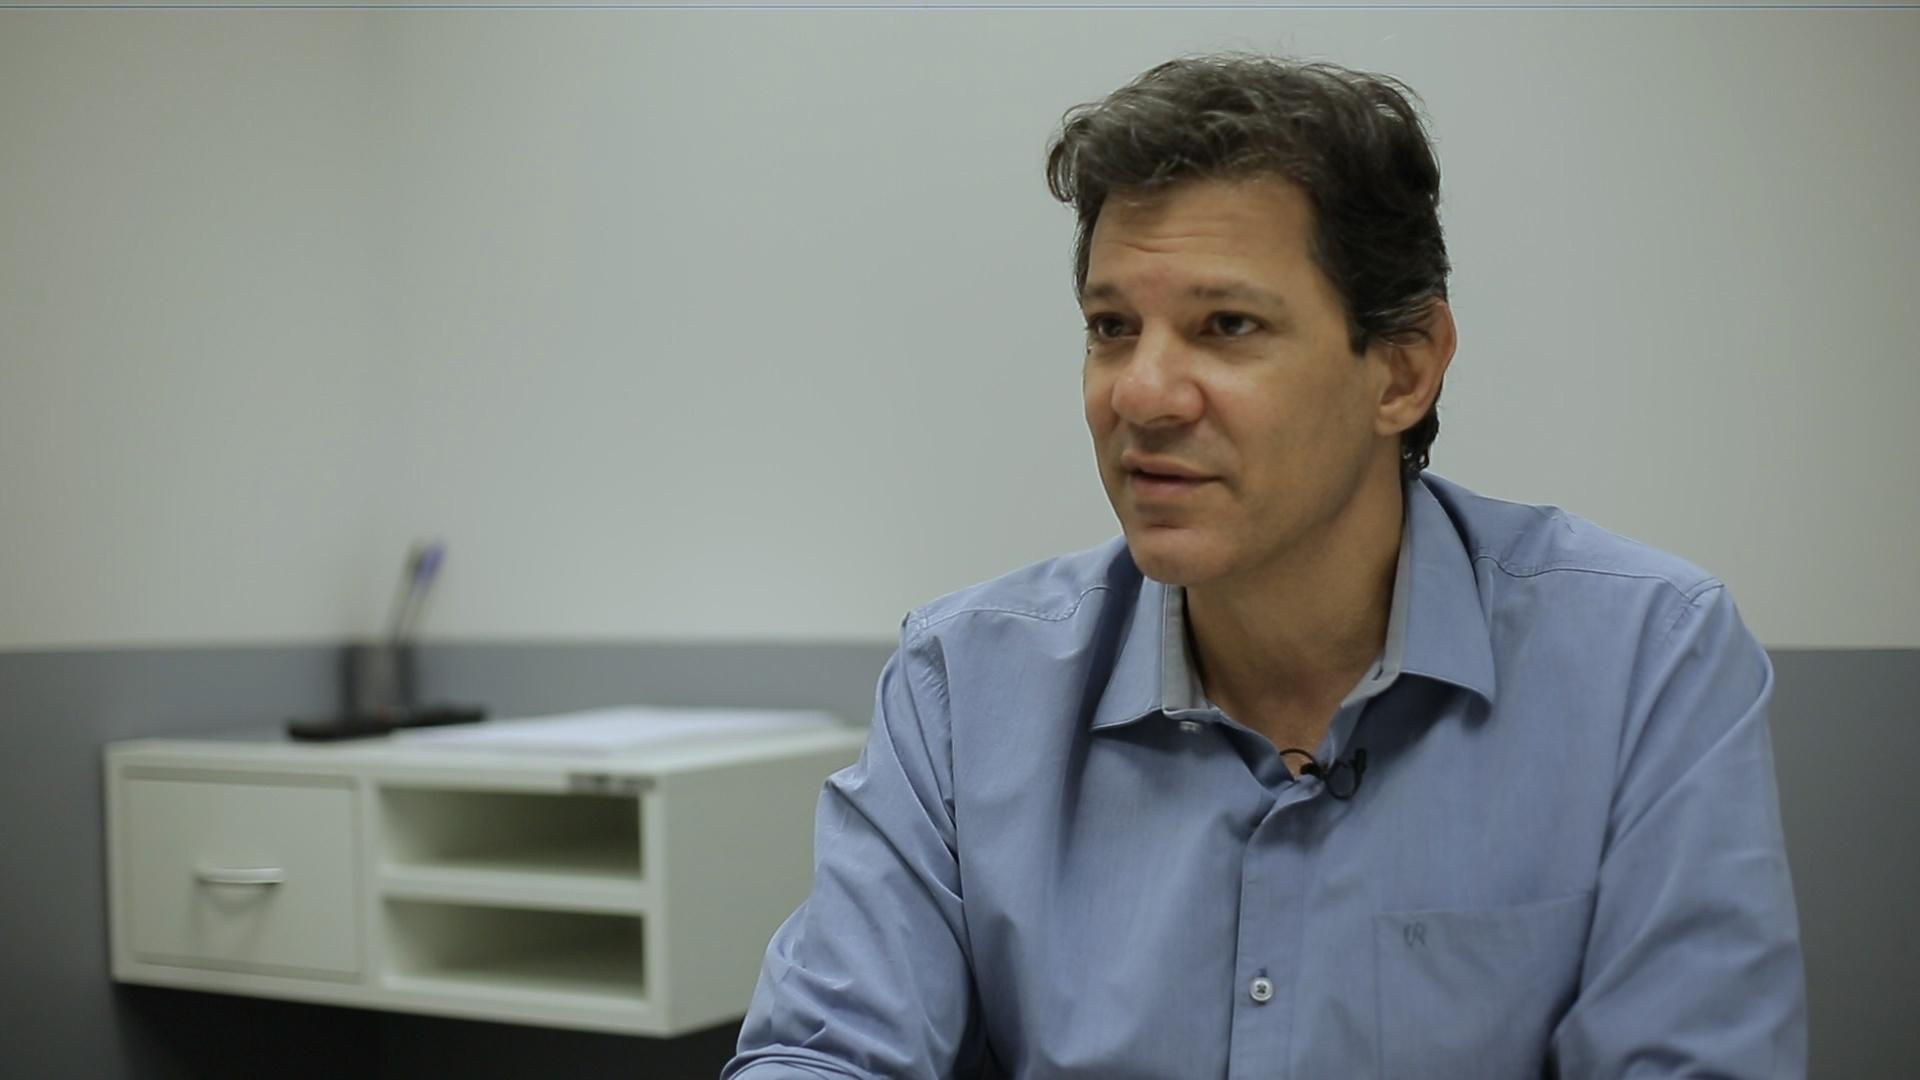 Entrevista exclusiva | Haddad diz que discurso de Bolsonaro e Doria é oportunista e inconsequente